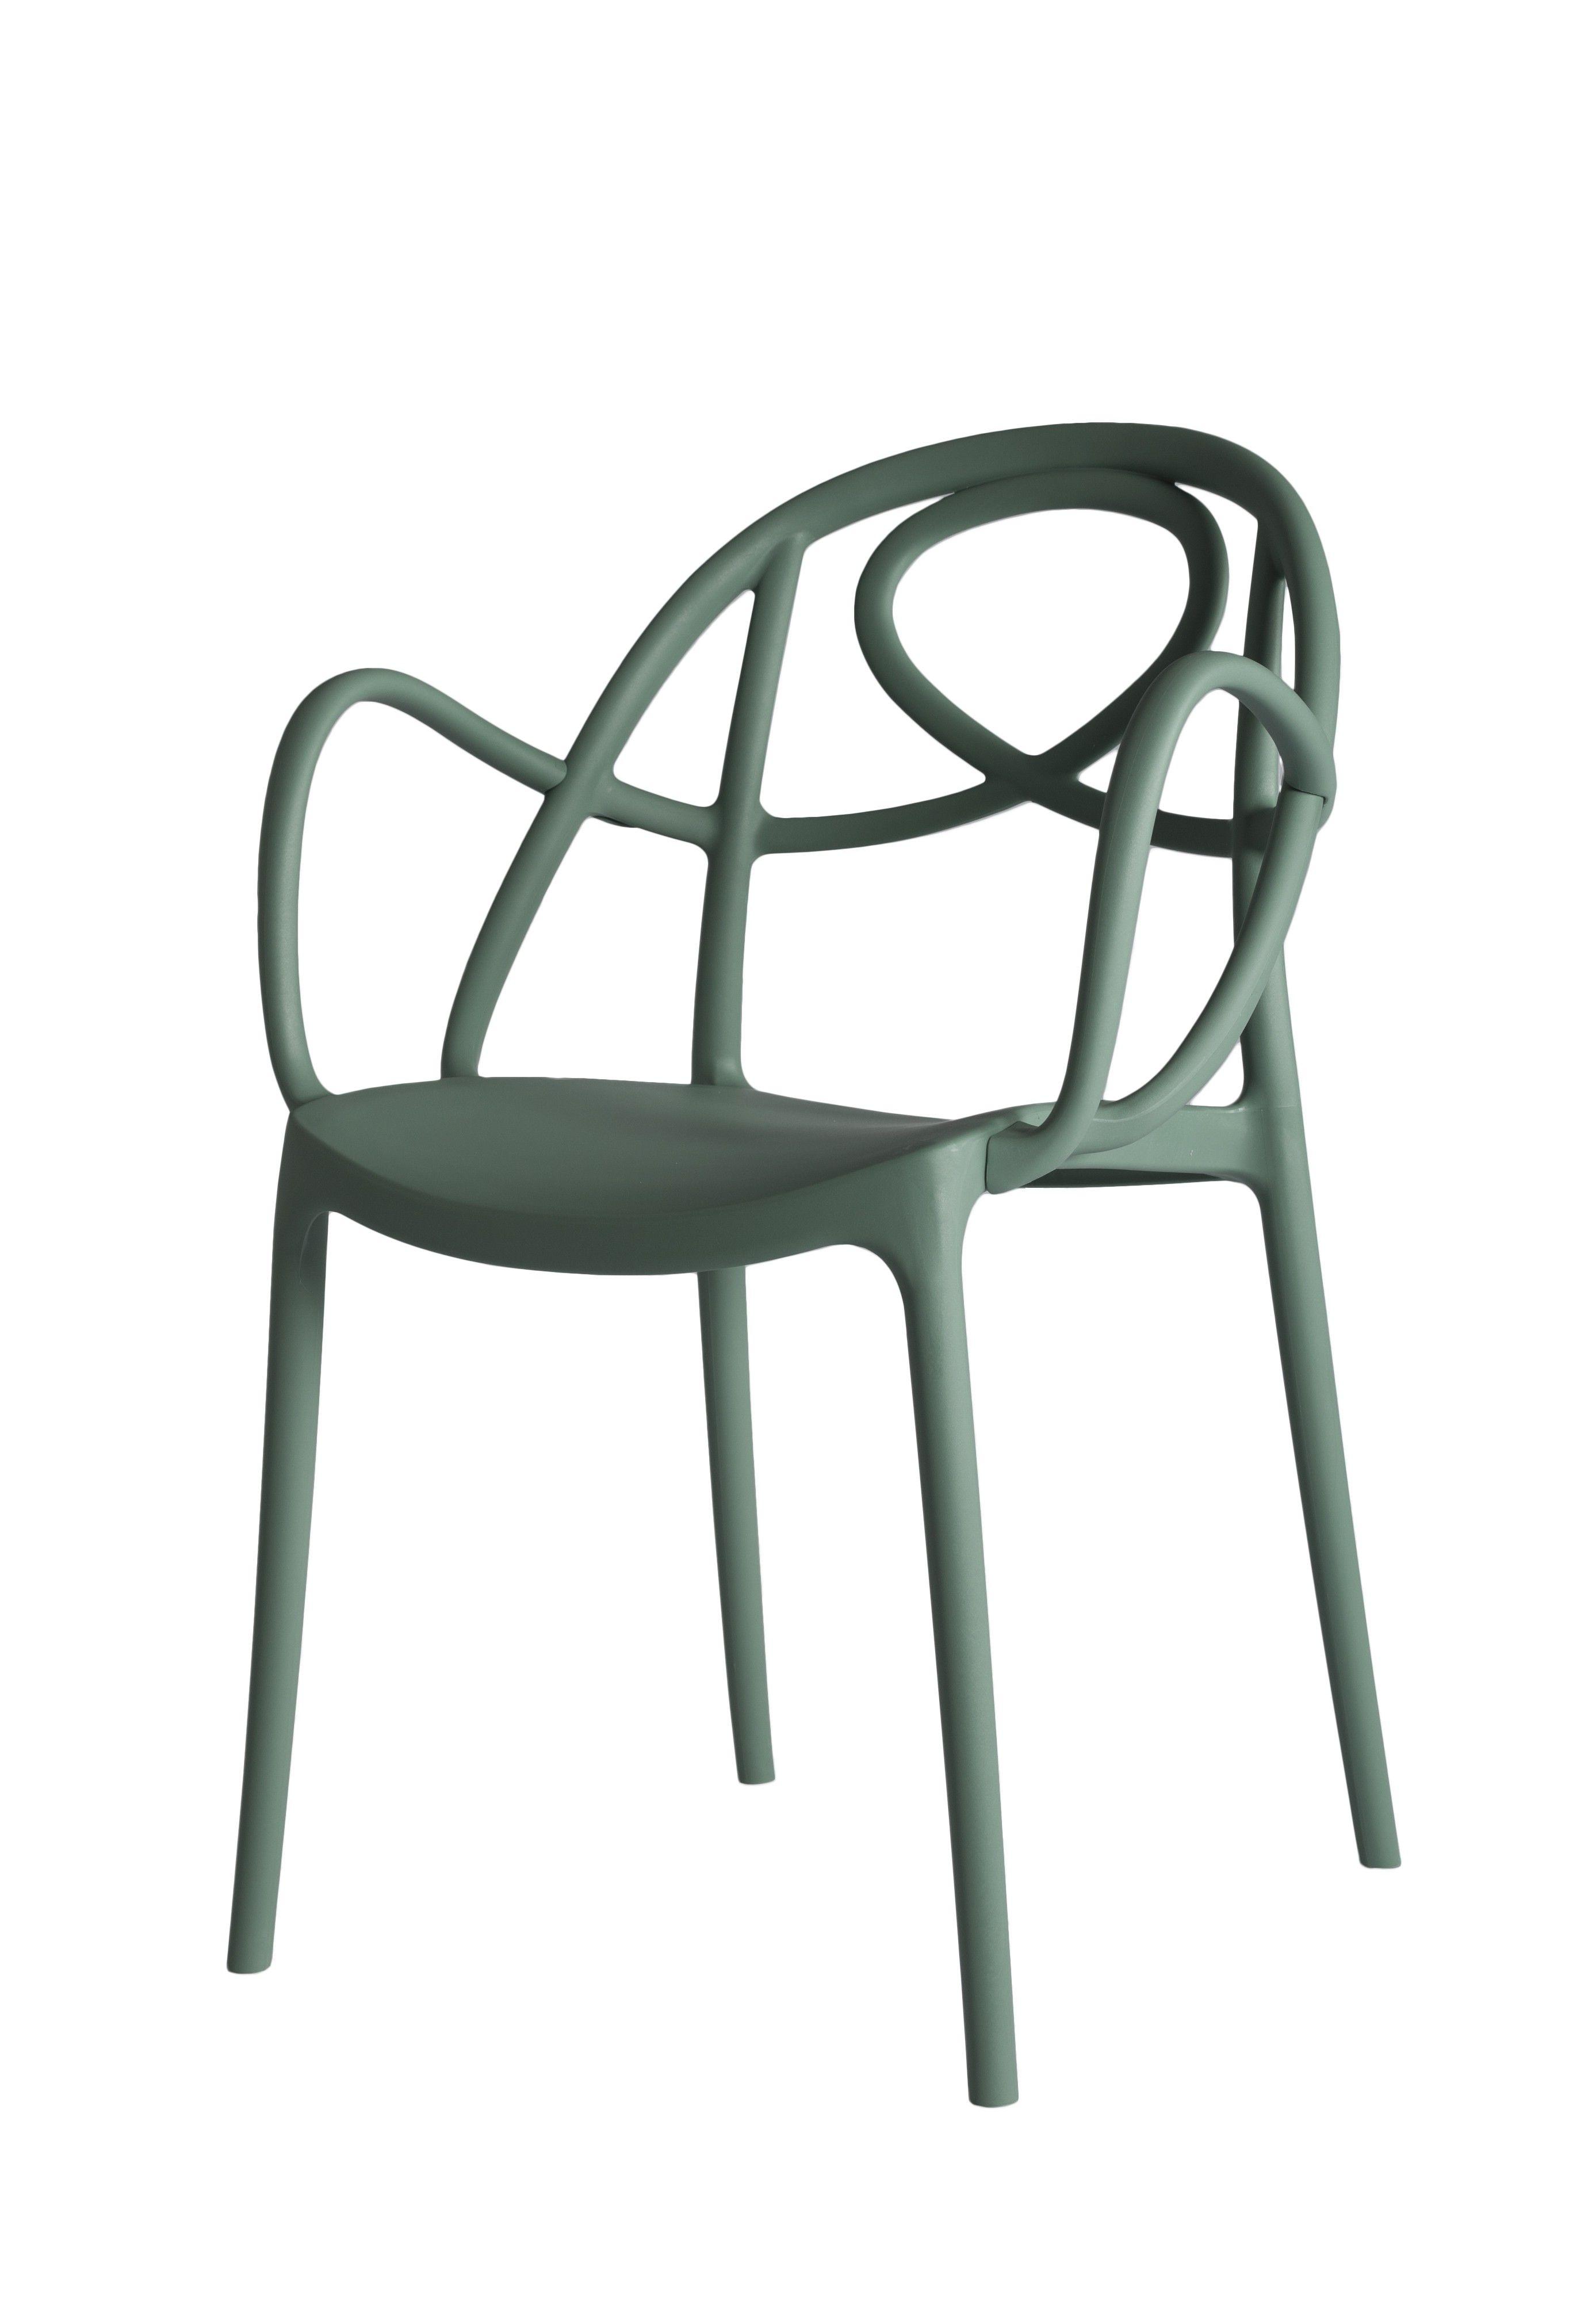 Green Srl Eetkamerstoel Etoile Met Armleuning Design Eetkamerstoel Stacking Patio Chairs Patio Chair Covers Patio Chairs